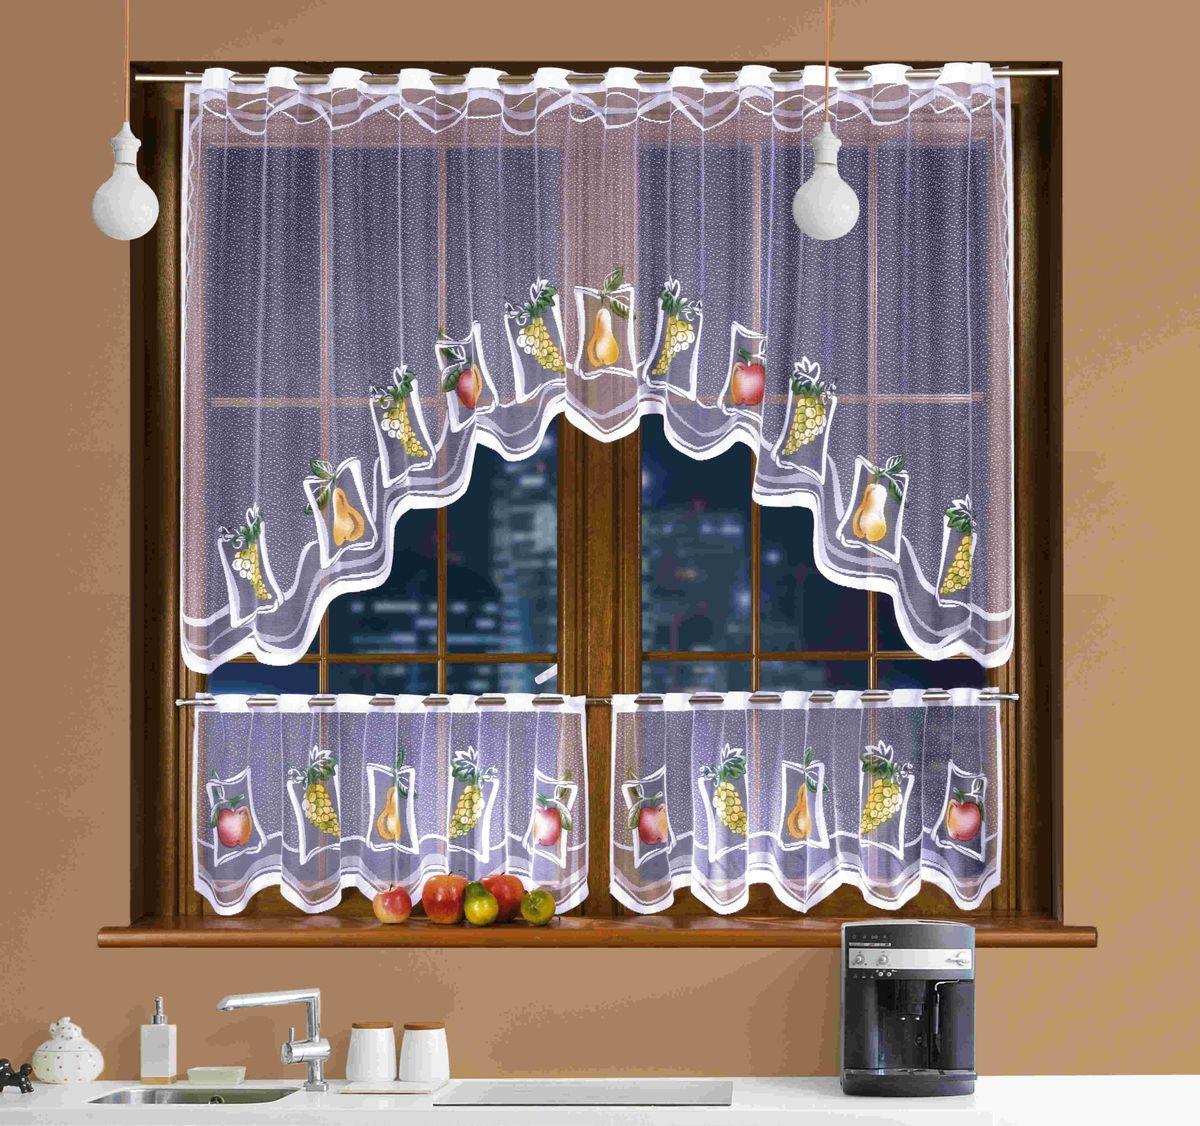 Комплект штор для кухни Wisan Martynika, на кулиске, цвет: белый, высота 250 смGC013/00Комплект штор Wisan Martynika, выполненный из легкого полиэстера белого цвета, станет великолепным украшением кухонного окна. В набор входит шторка и два ламбрекена для нижних створок окна. Тонкое плетение и нежная цветовая гамма привлекут внимание и органично впишутся в интерьер кухни. Штора и ламбрекены оснащены кулиской для размещения на круглом карнизе. В комплект входит: Ламбрекен: 2 шт. Размер (Ш х В): 130 см х 45 см. Штора: 2 шт. Размер (Ш х В): 150 см х 240 см.Фирма Wisan на польском рынке существует уже более пятидесяти лет и является одной из лучших польских фабрик по производству штор и тканей. Ассортимент фирмы представлен готовыми комплектами штор для гостиной, детской, кухни, а также текстилем для кухни (скатерти, салфетки, дорожки, кухонные занавески). Модельный ряд отличает оригинальный дизайн, высокое качество. Ассортимент продукции постоянно пополняется.